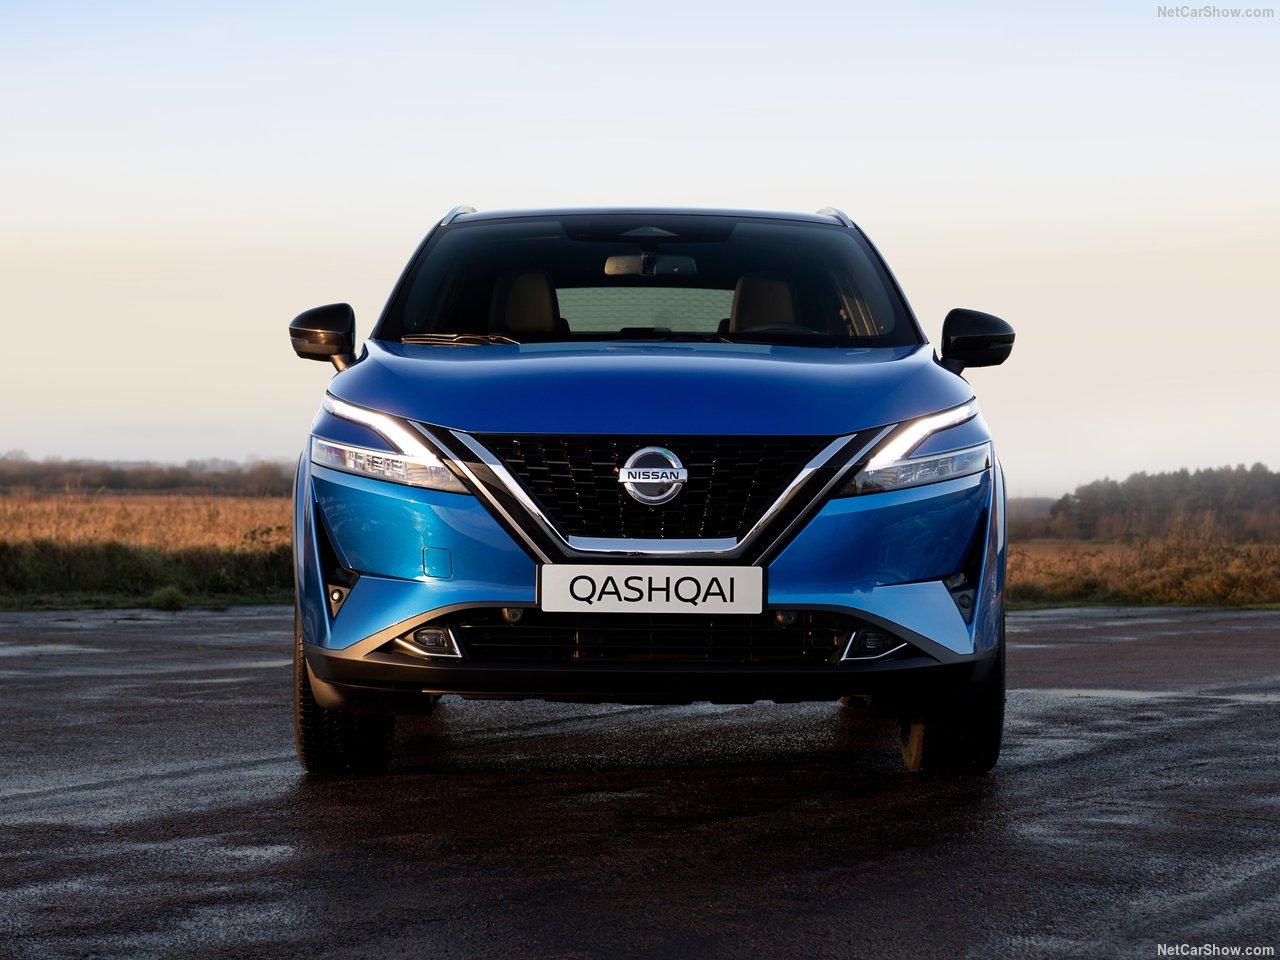 Nissan-Qashqai-2022-1280-14.jpg